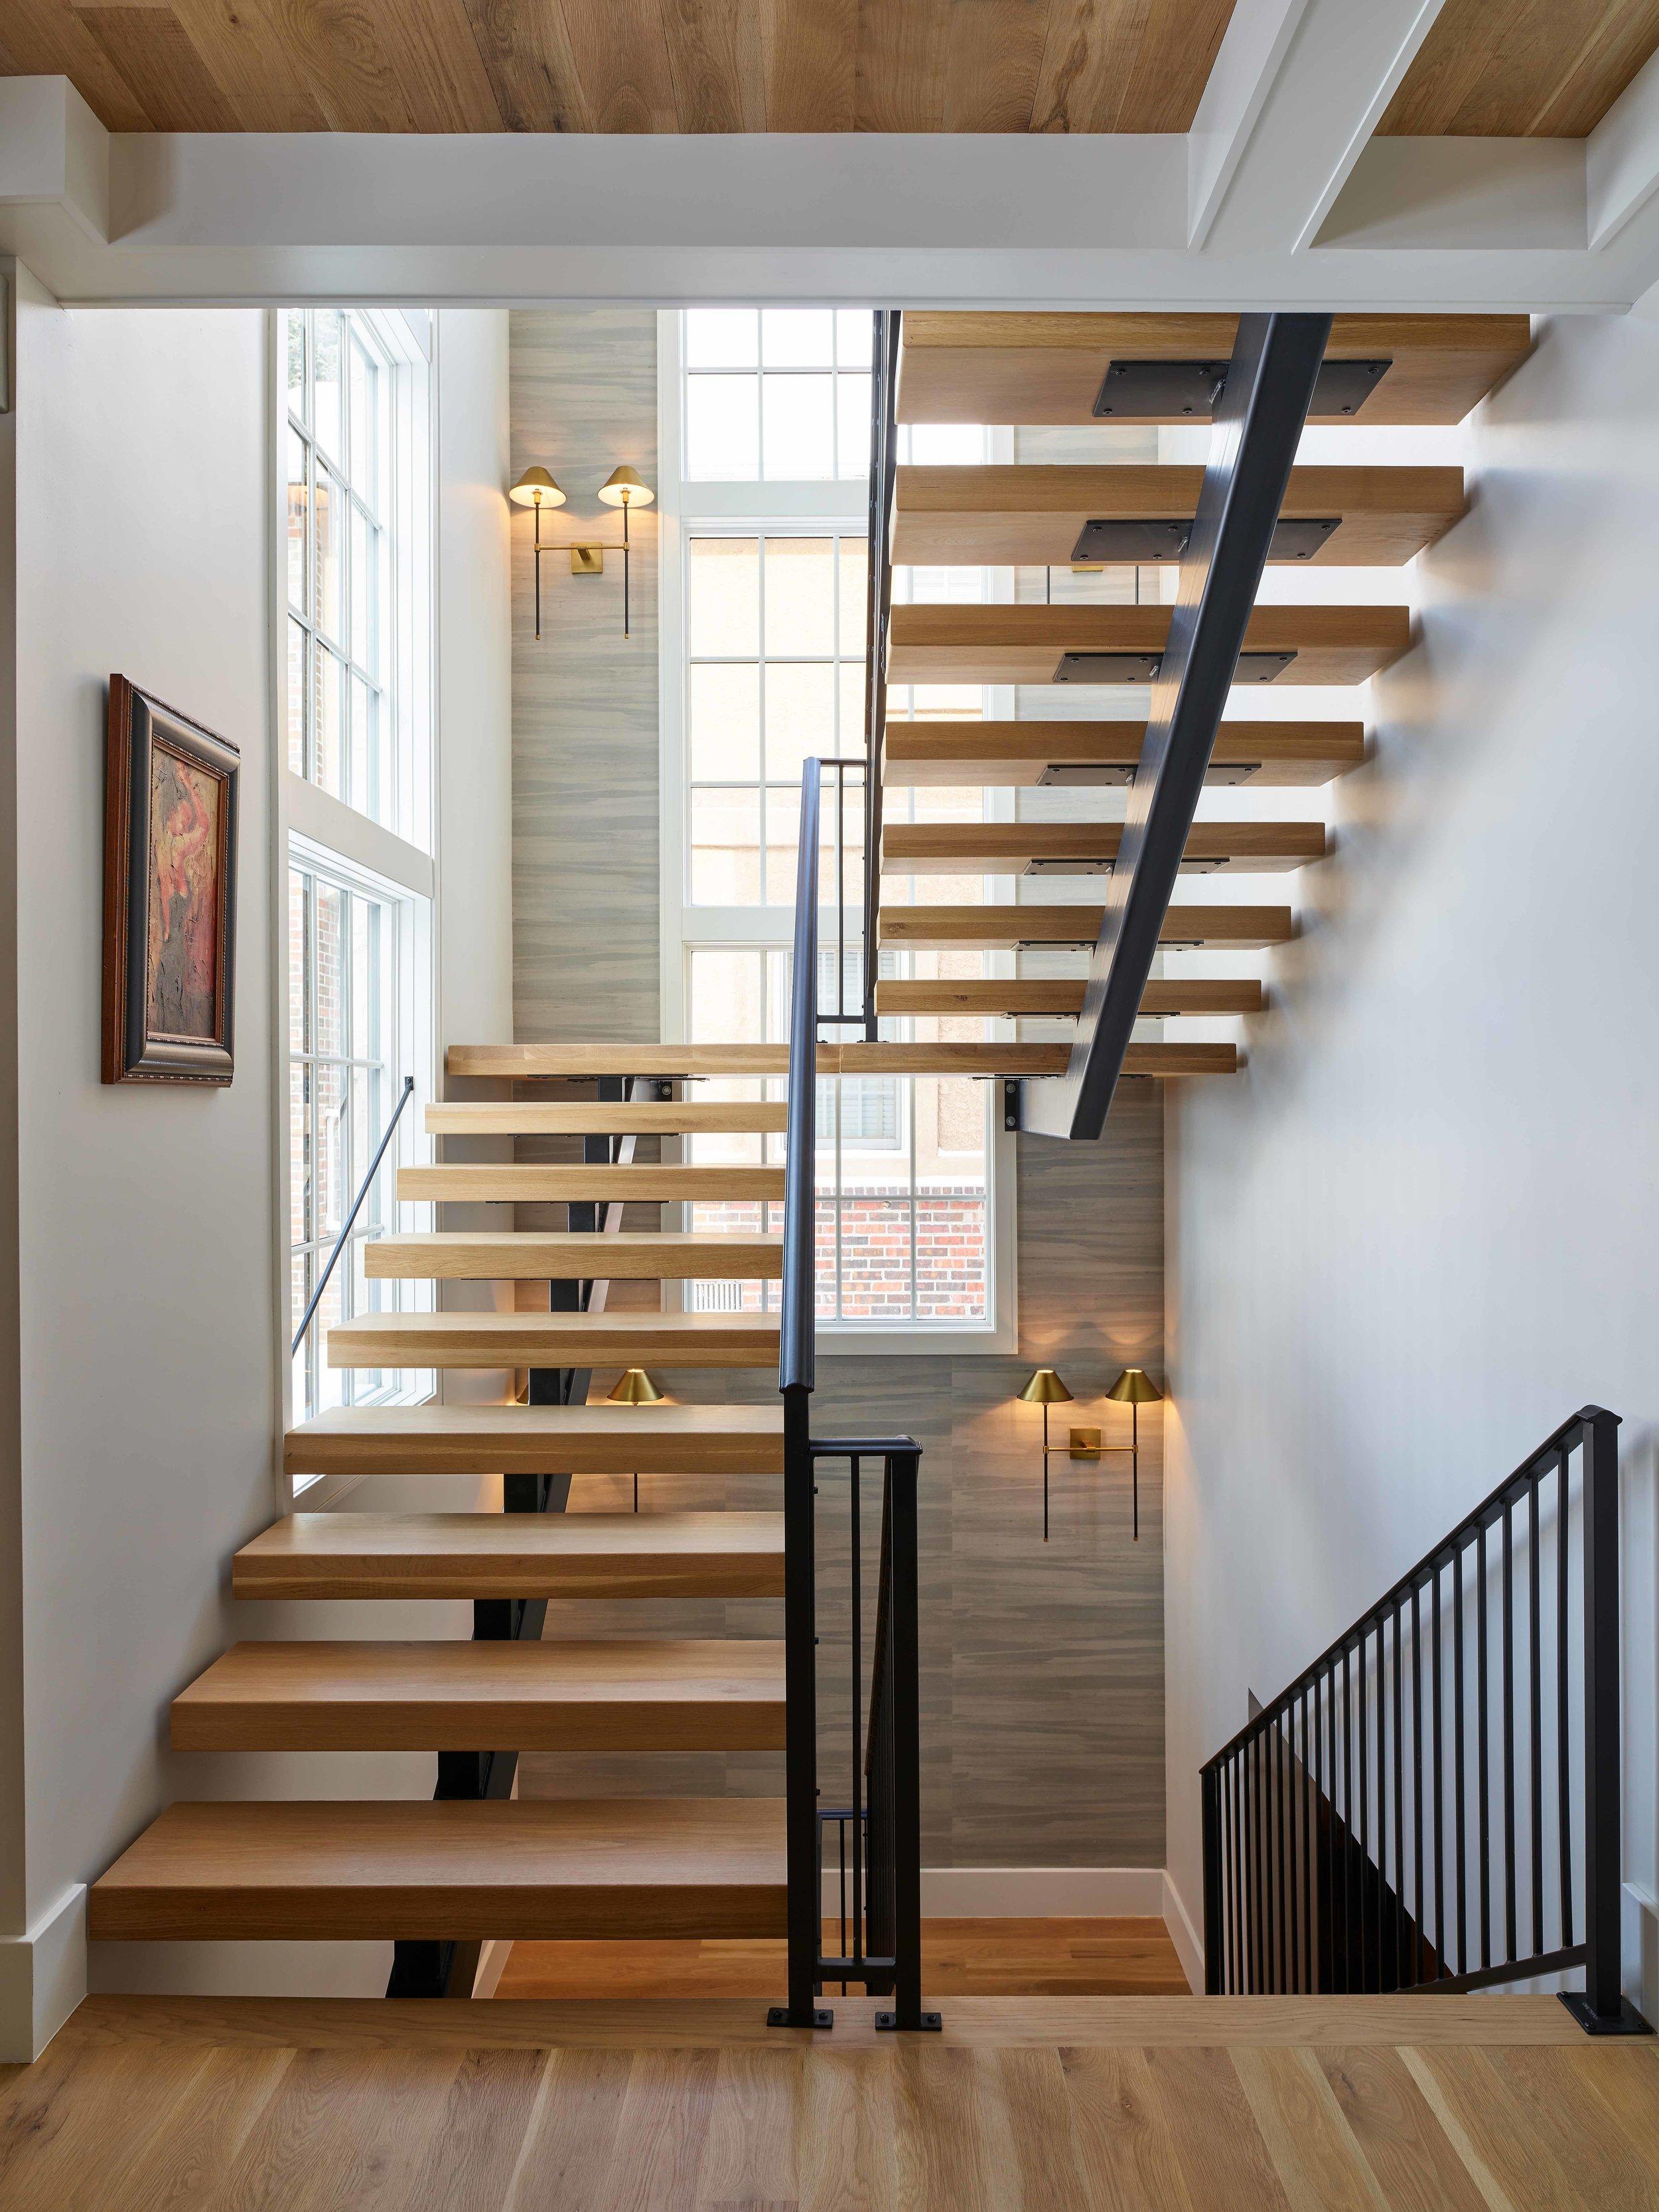 WEB_pam_1130gunlock_stairs_5850_small.jpg